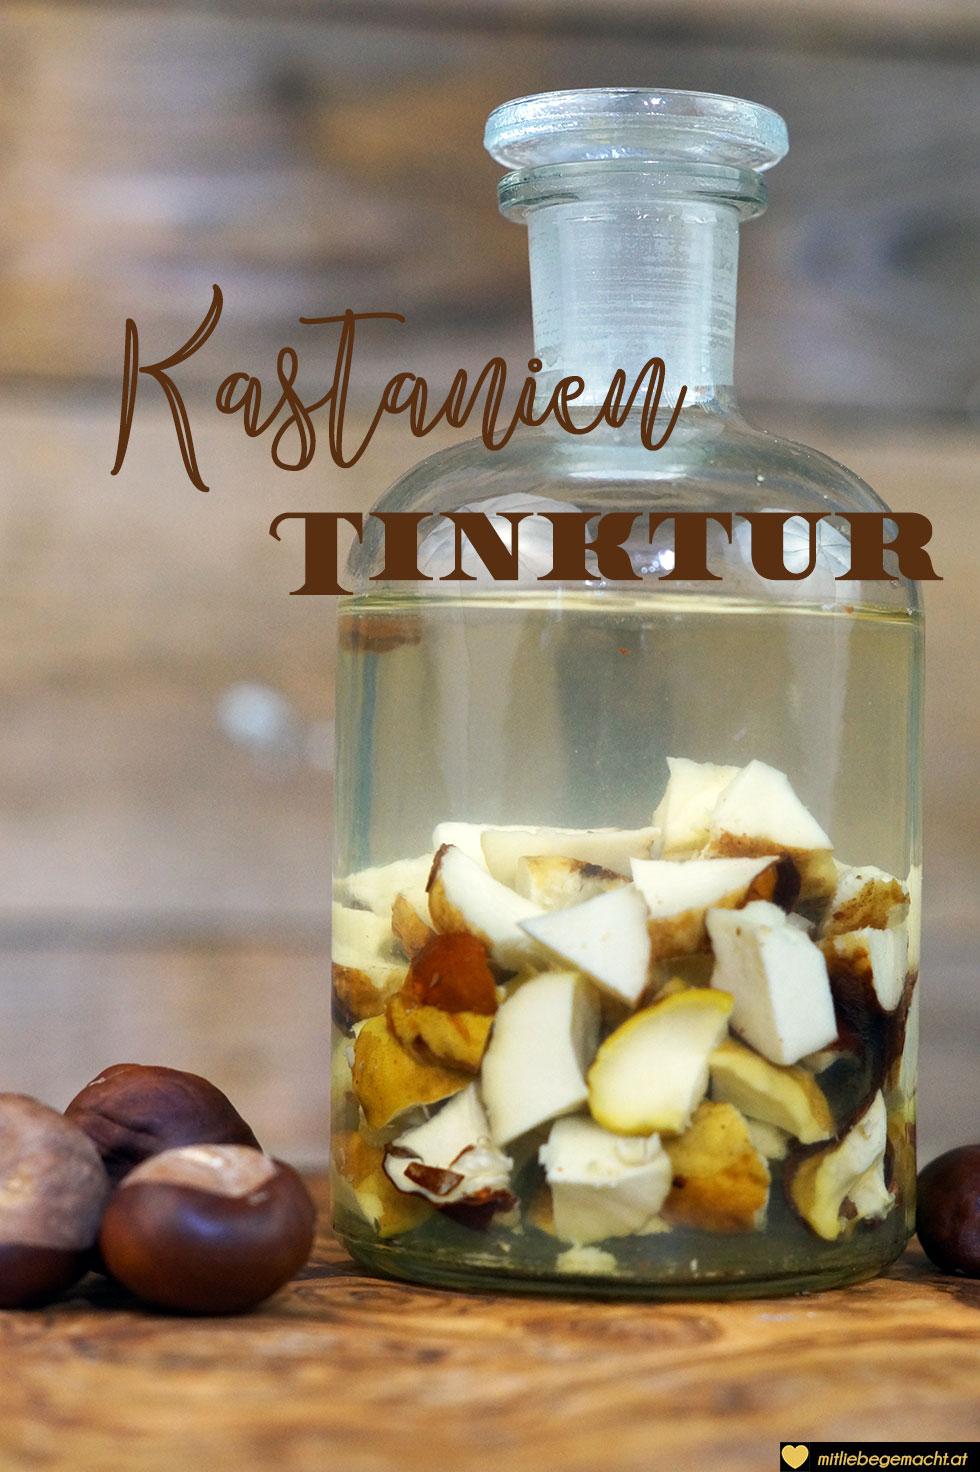 Kastanientinktur angesetzt - Naturkosmetik Rezept